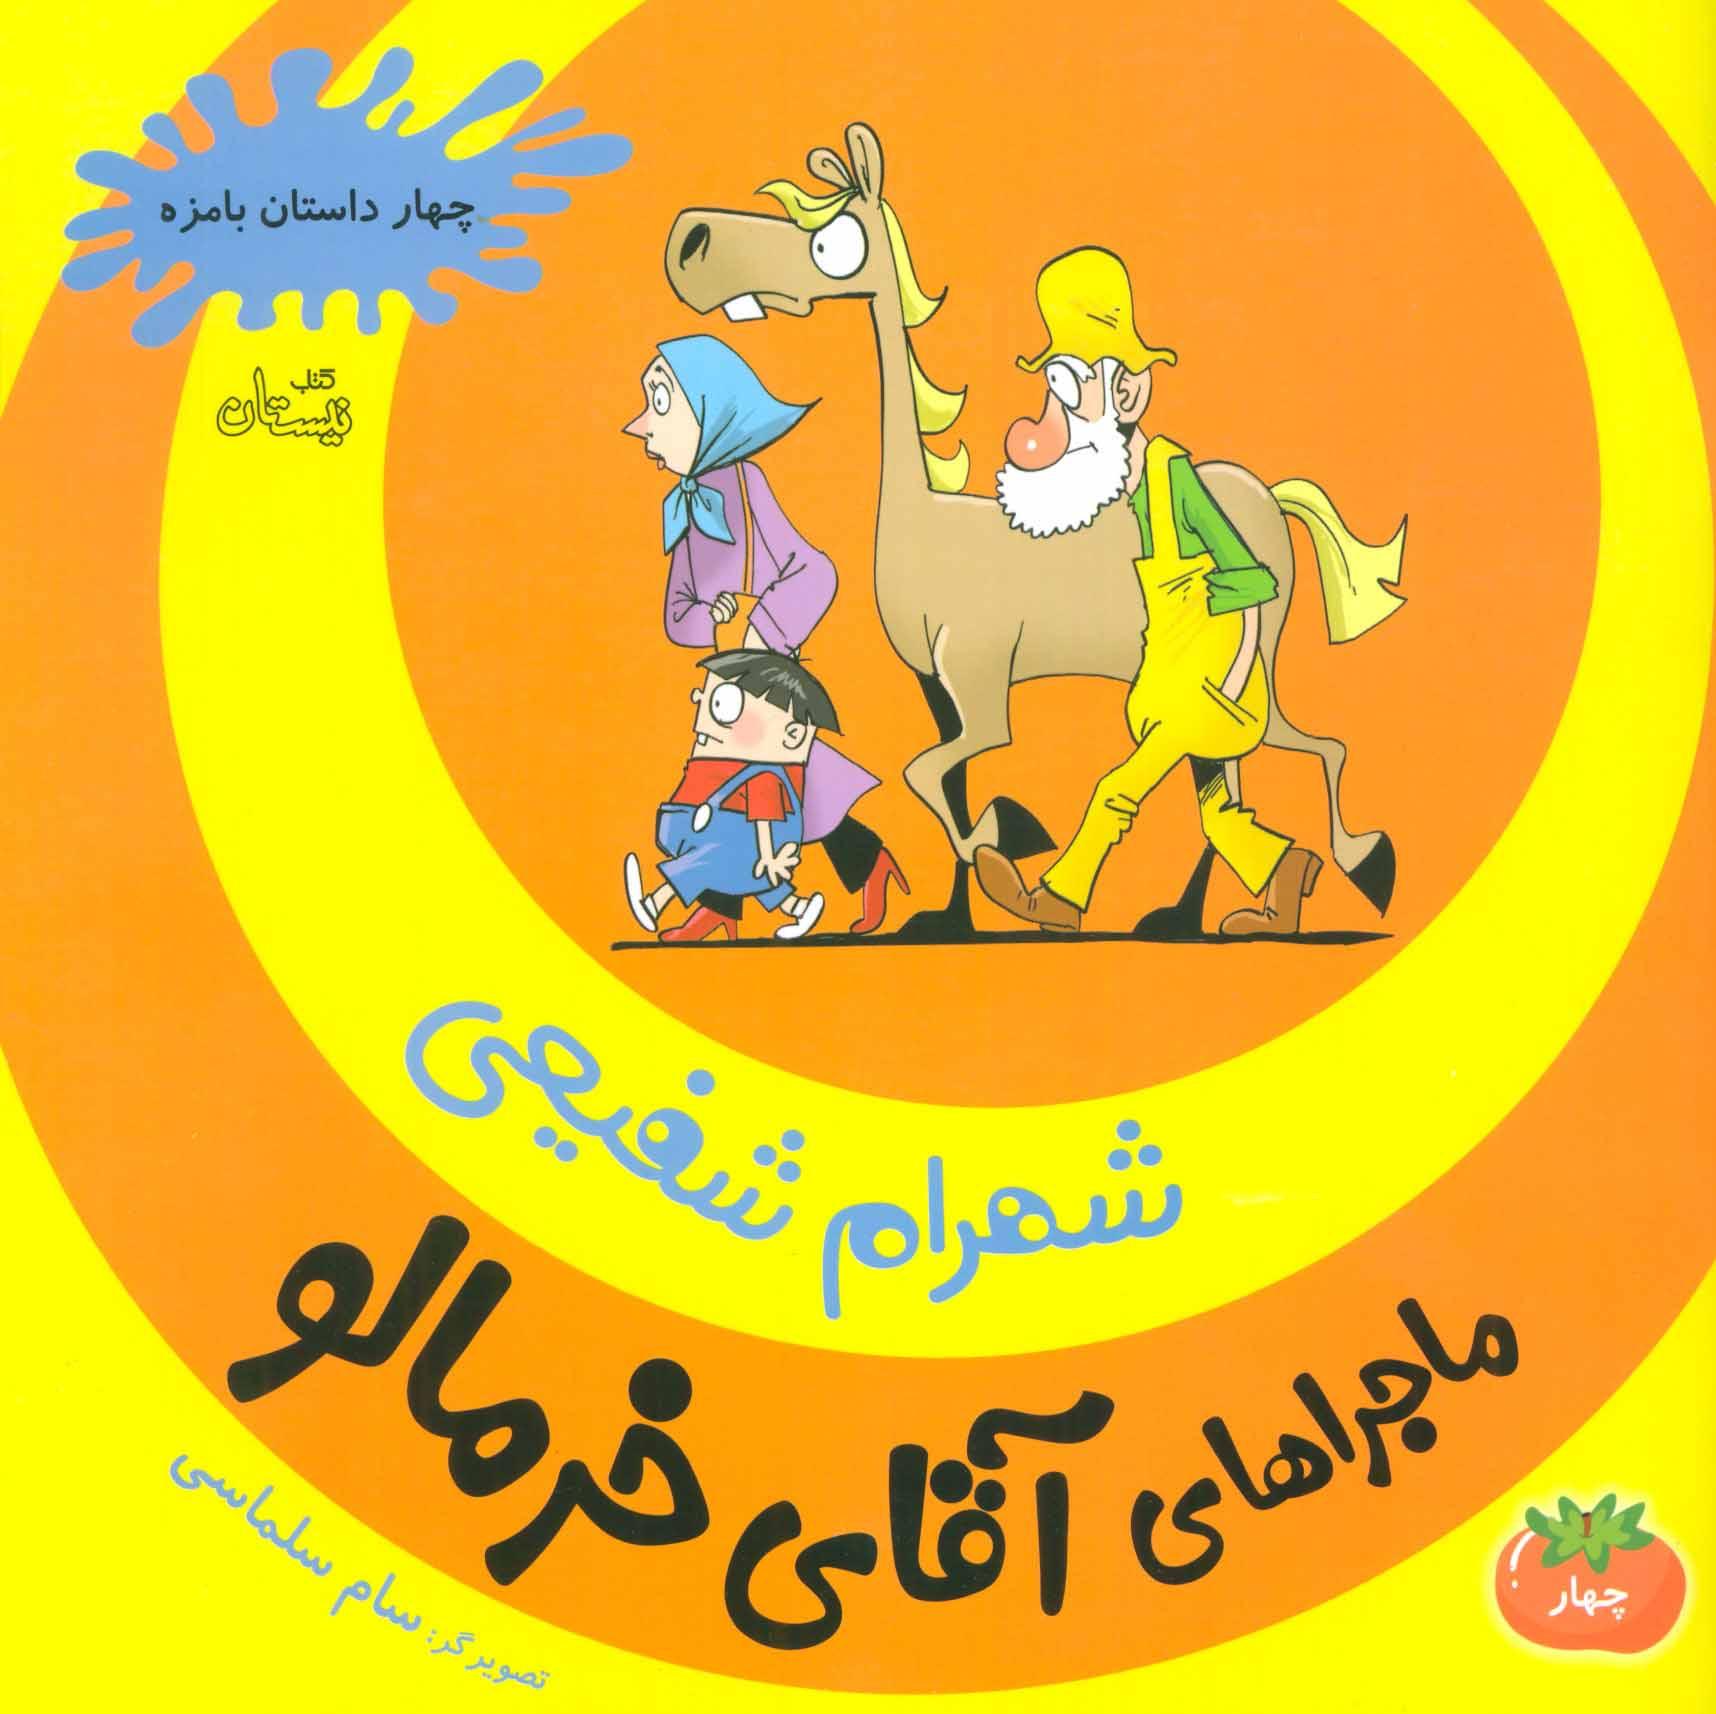 ماجراهای آقای خرمالو 4 (4 داستان بامزه)